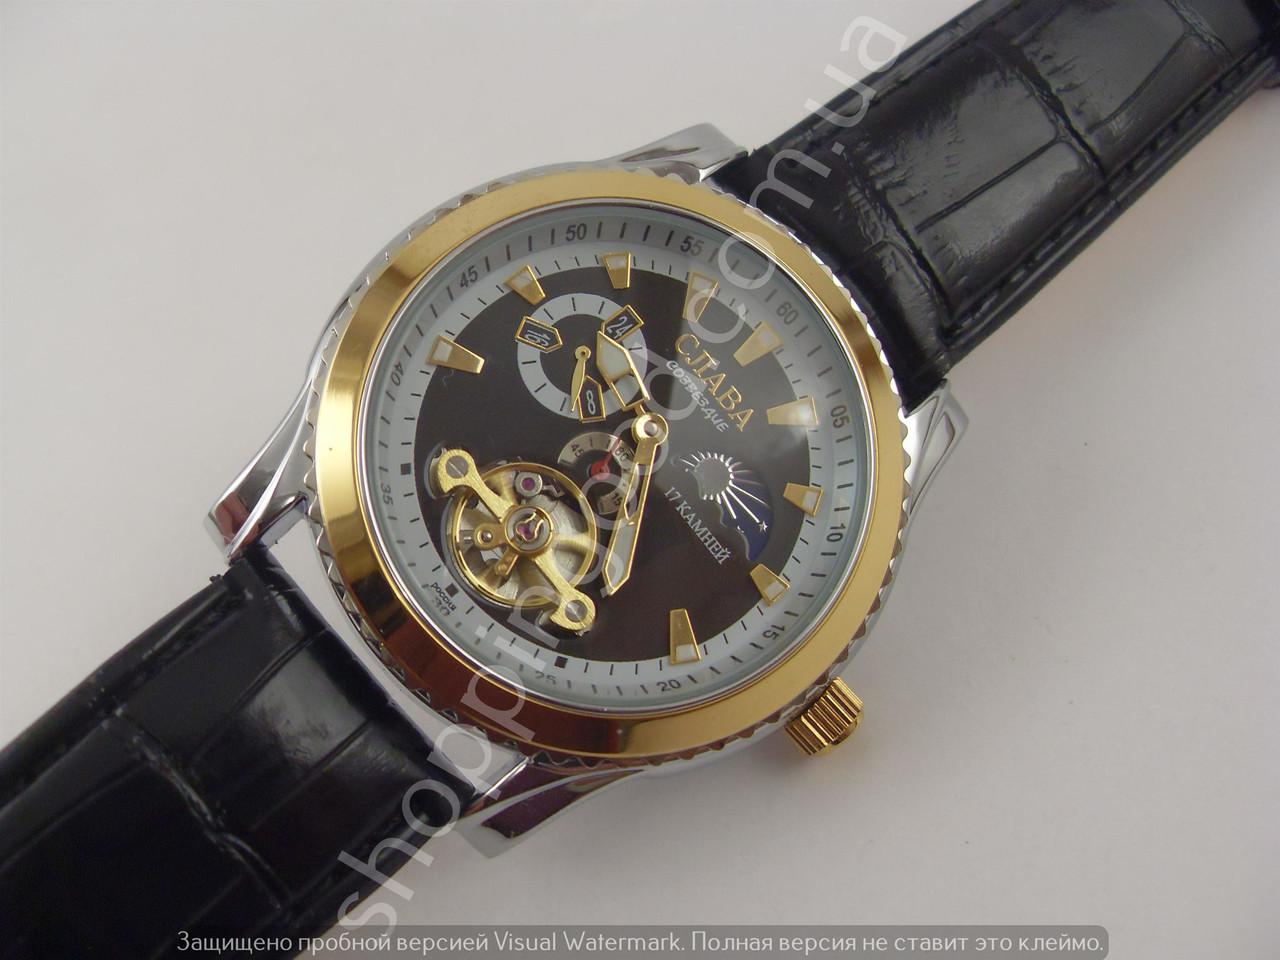 Лучшие мужские часы: какую фирму выбрать?